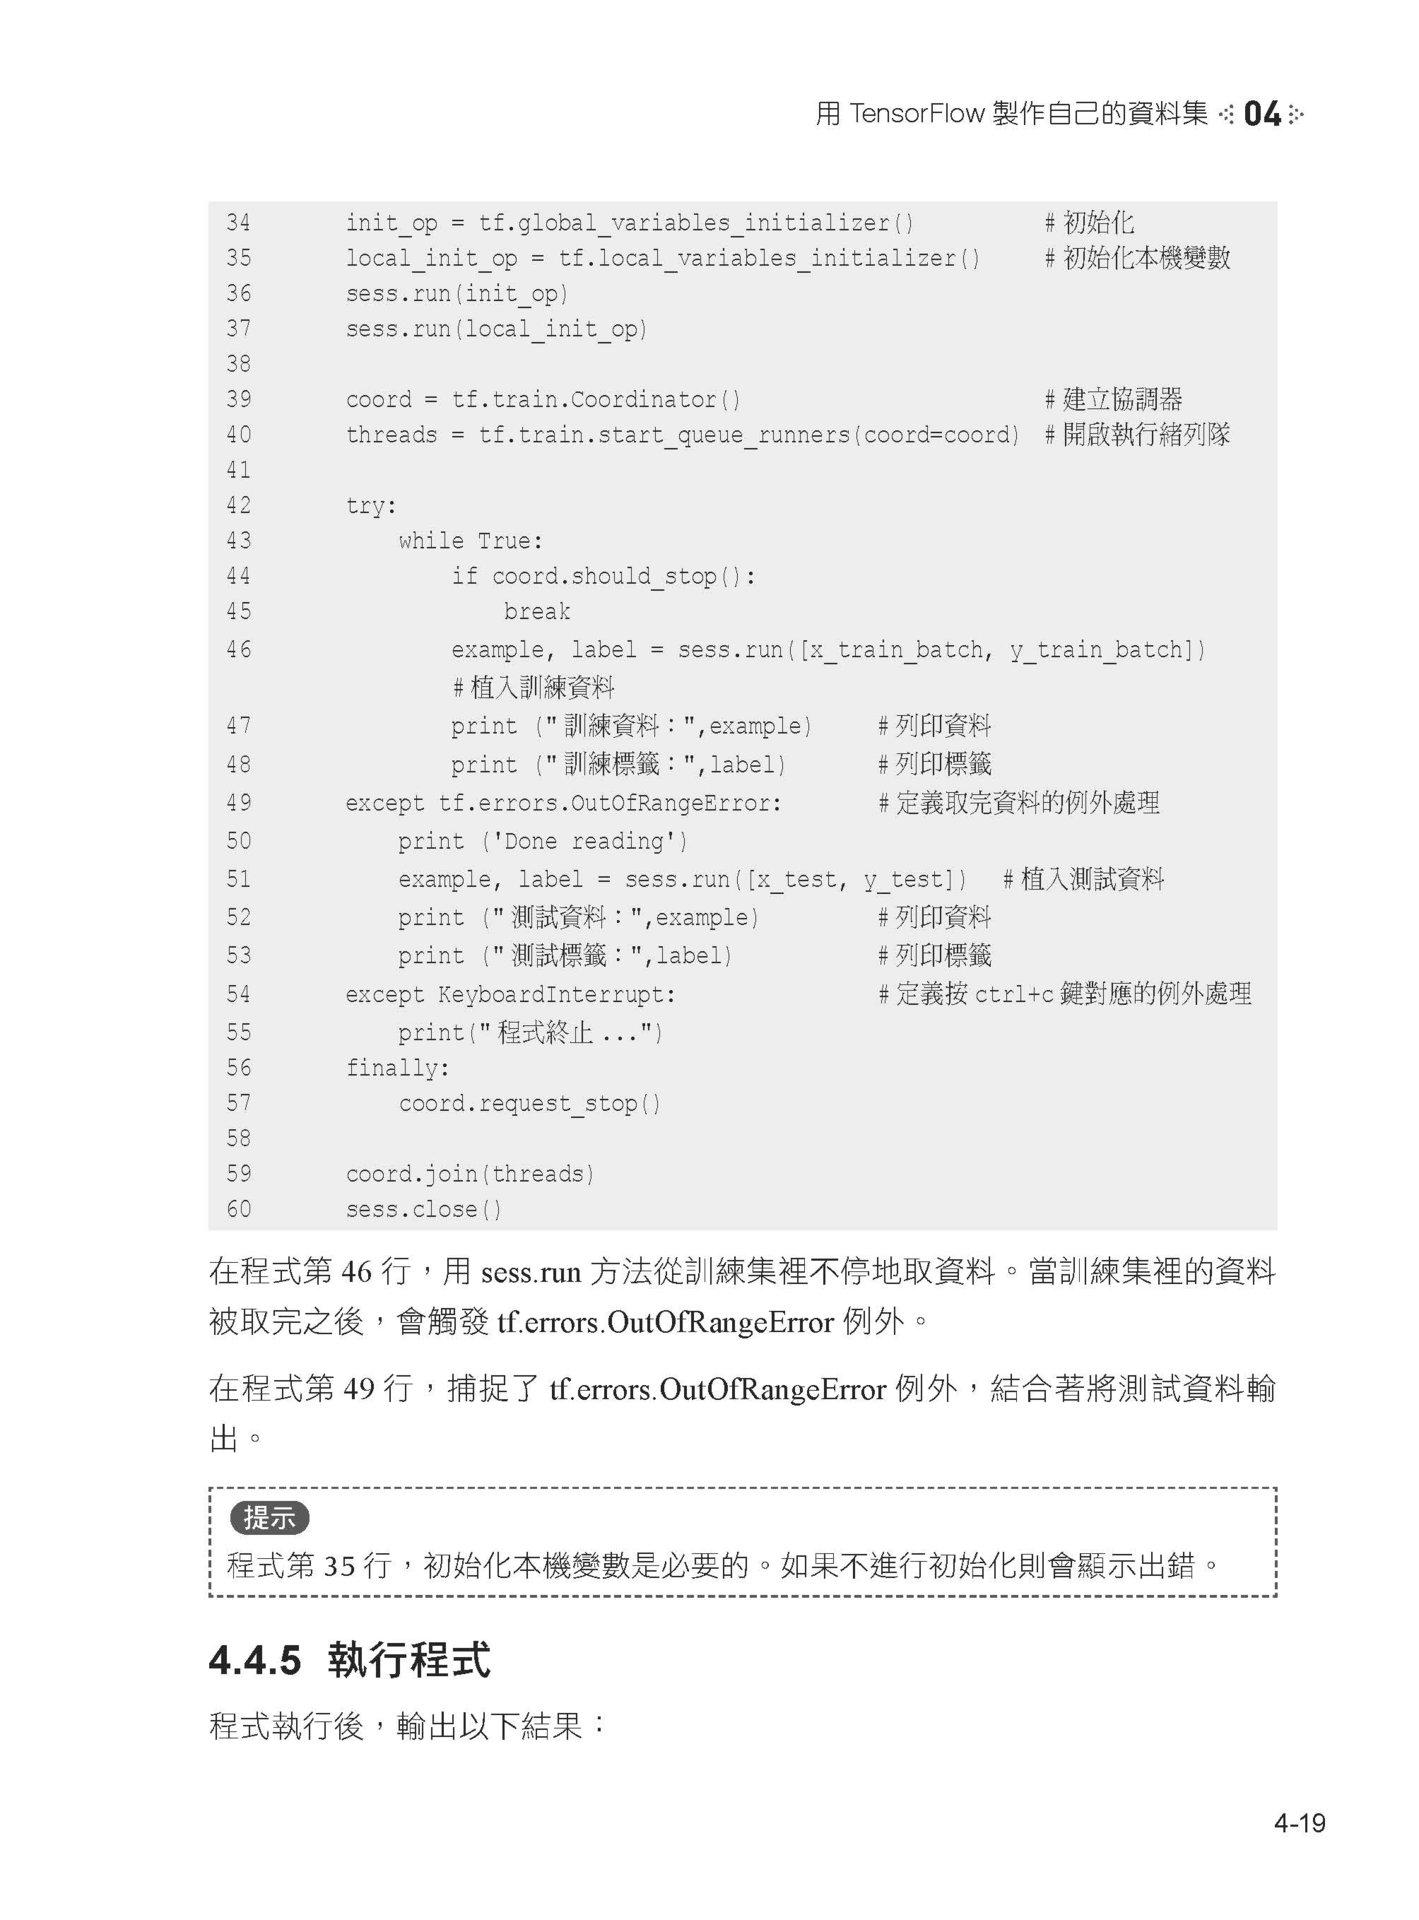 極詳細 + 超深入:最新版 TensorFlow 1.x/2.x 完整工程實作-preview-7